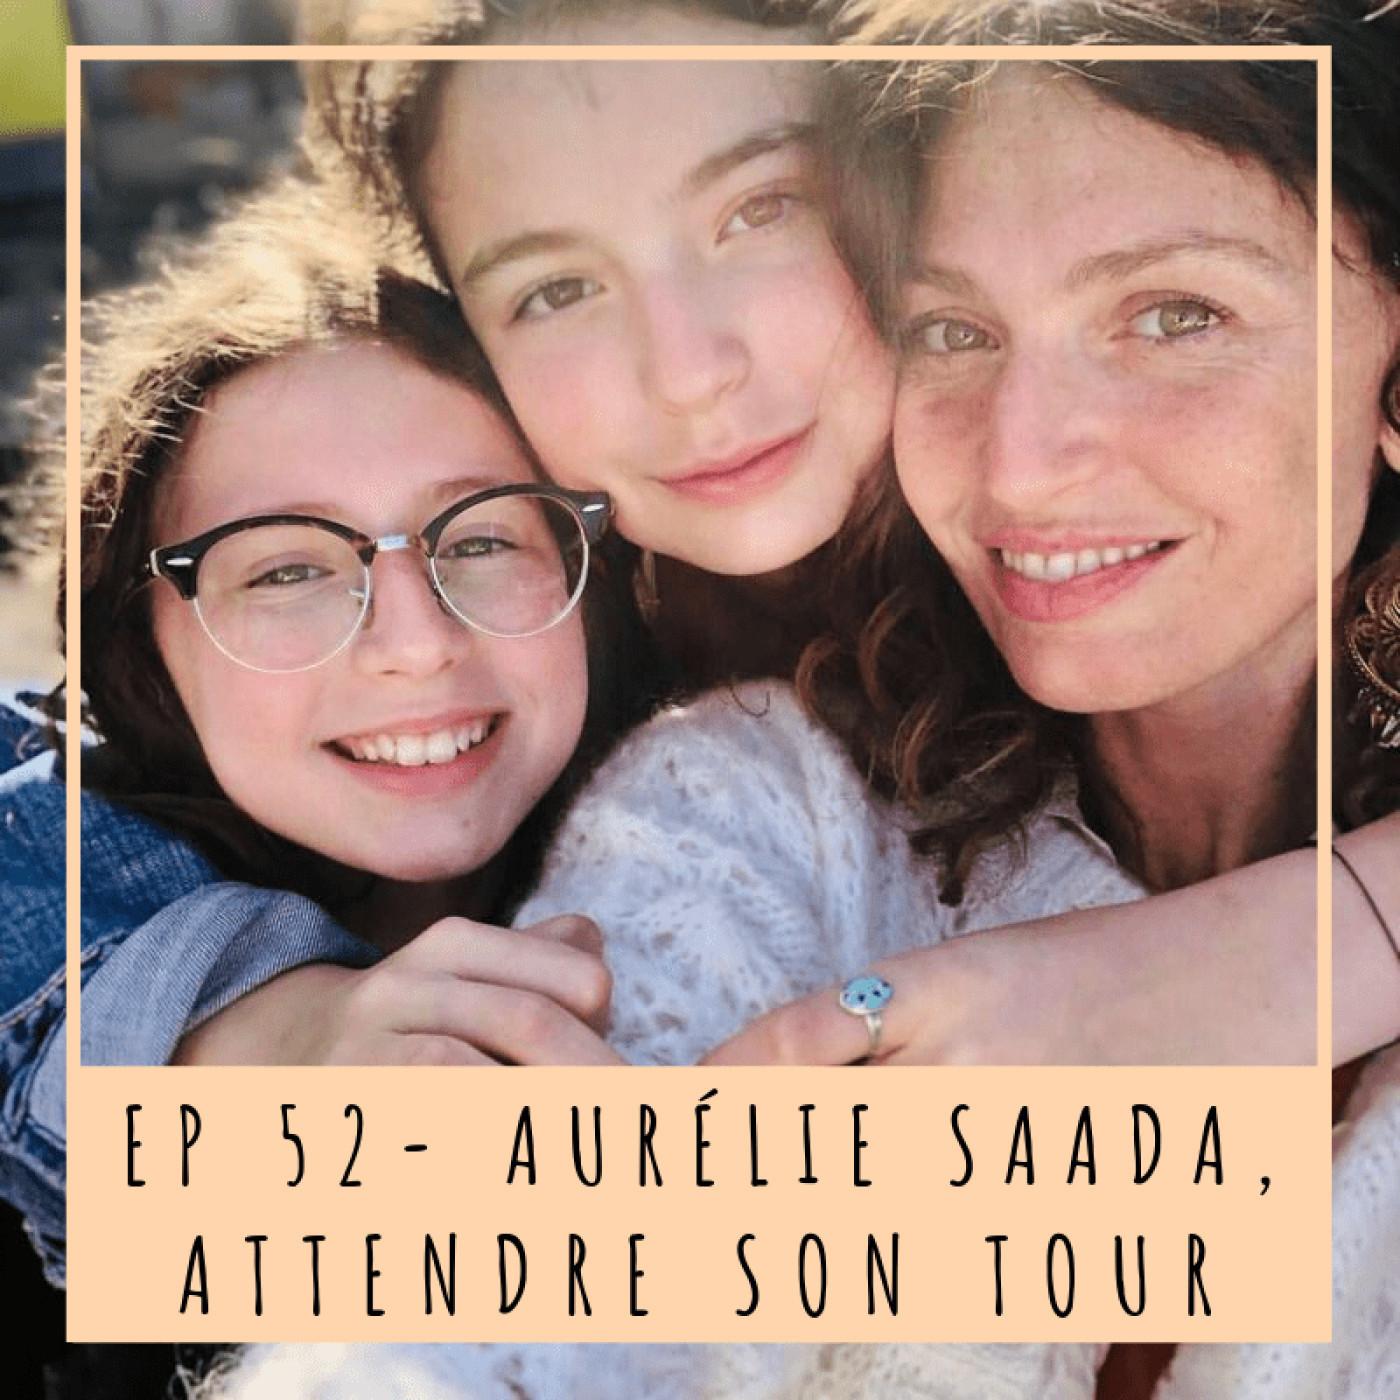 EP52- AURÉLIE SAADA, ATTENDRE SON TOUR